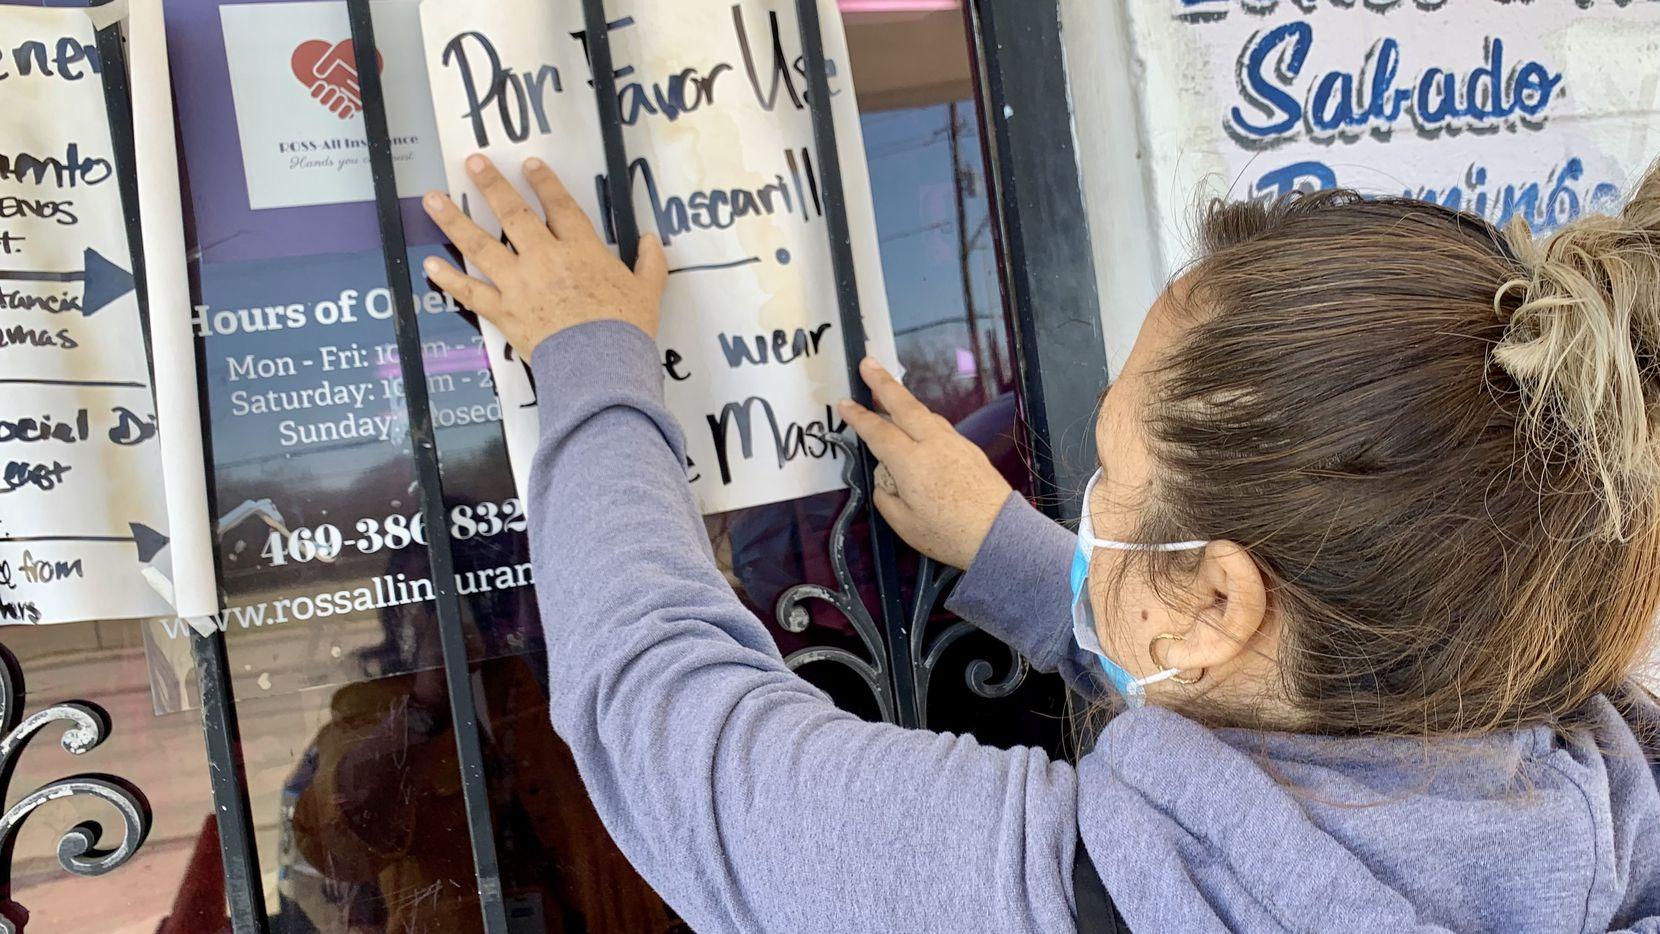 María Elena Chávez, 42, acomoda un letrero afuera de su estética, en Crocker Hill Ave., en Oak Cliff, para pedir a sus clientes que usen un cubrebocas si van a entrar a su negocio.